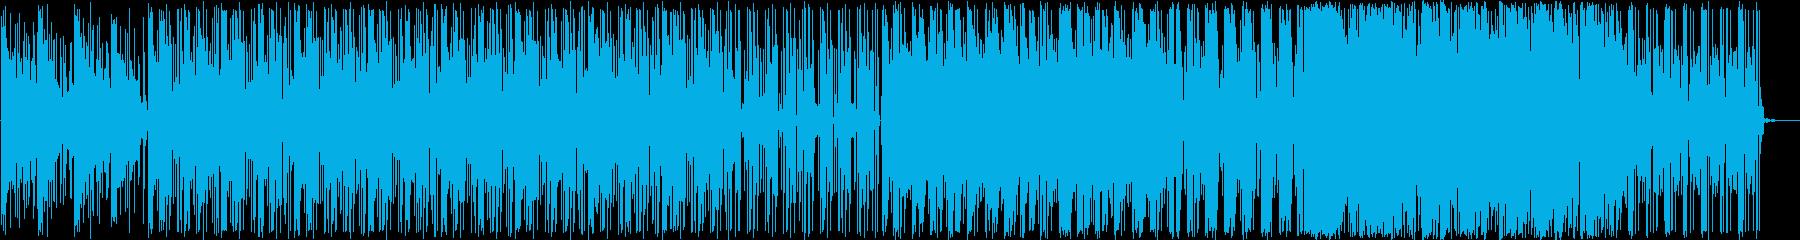 クラブジャズ 都会的 映像 夕暮れ 夜景の再生済みの波形